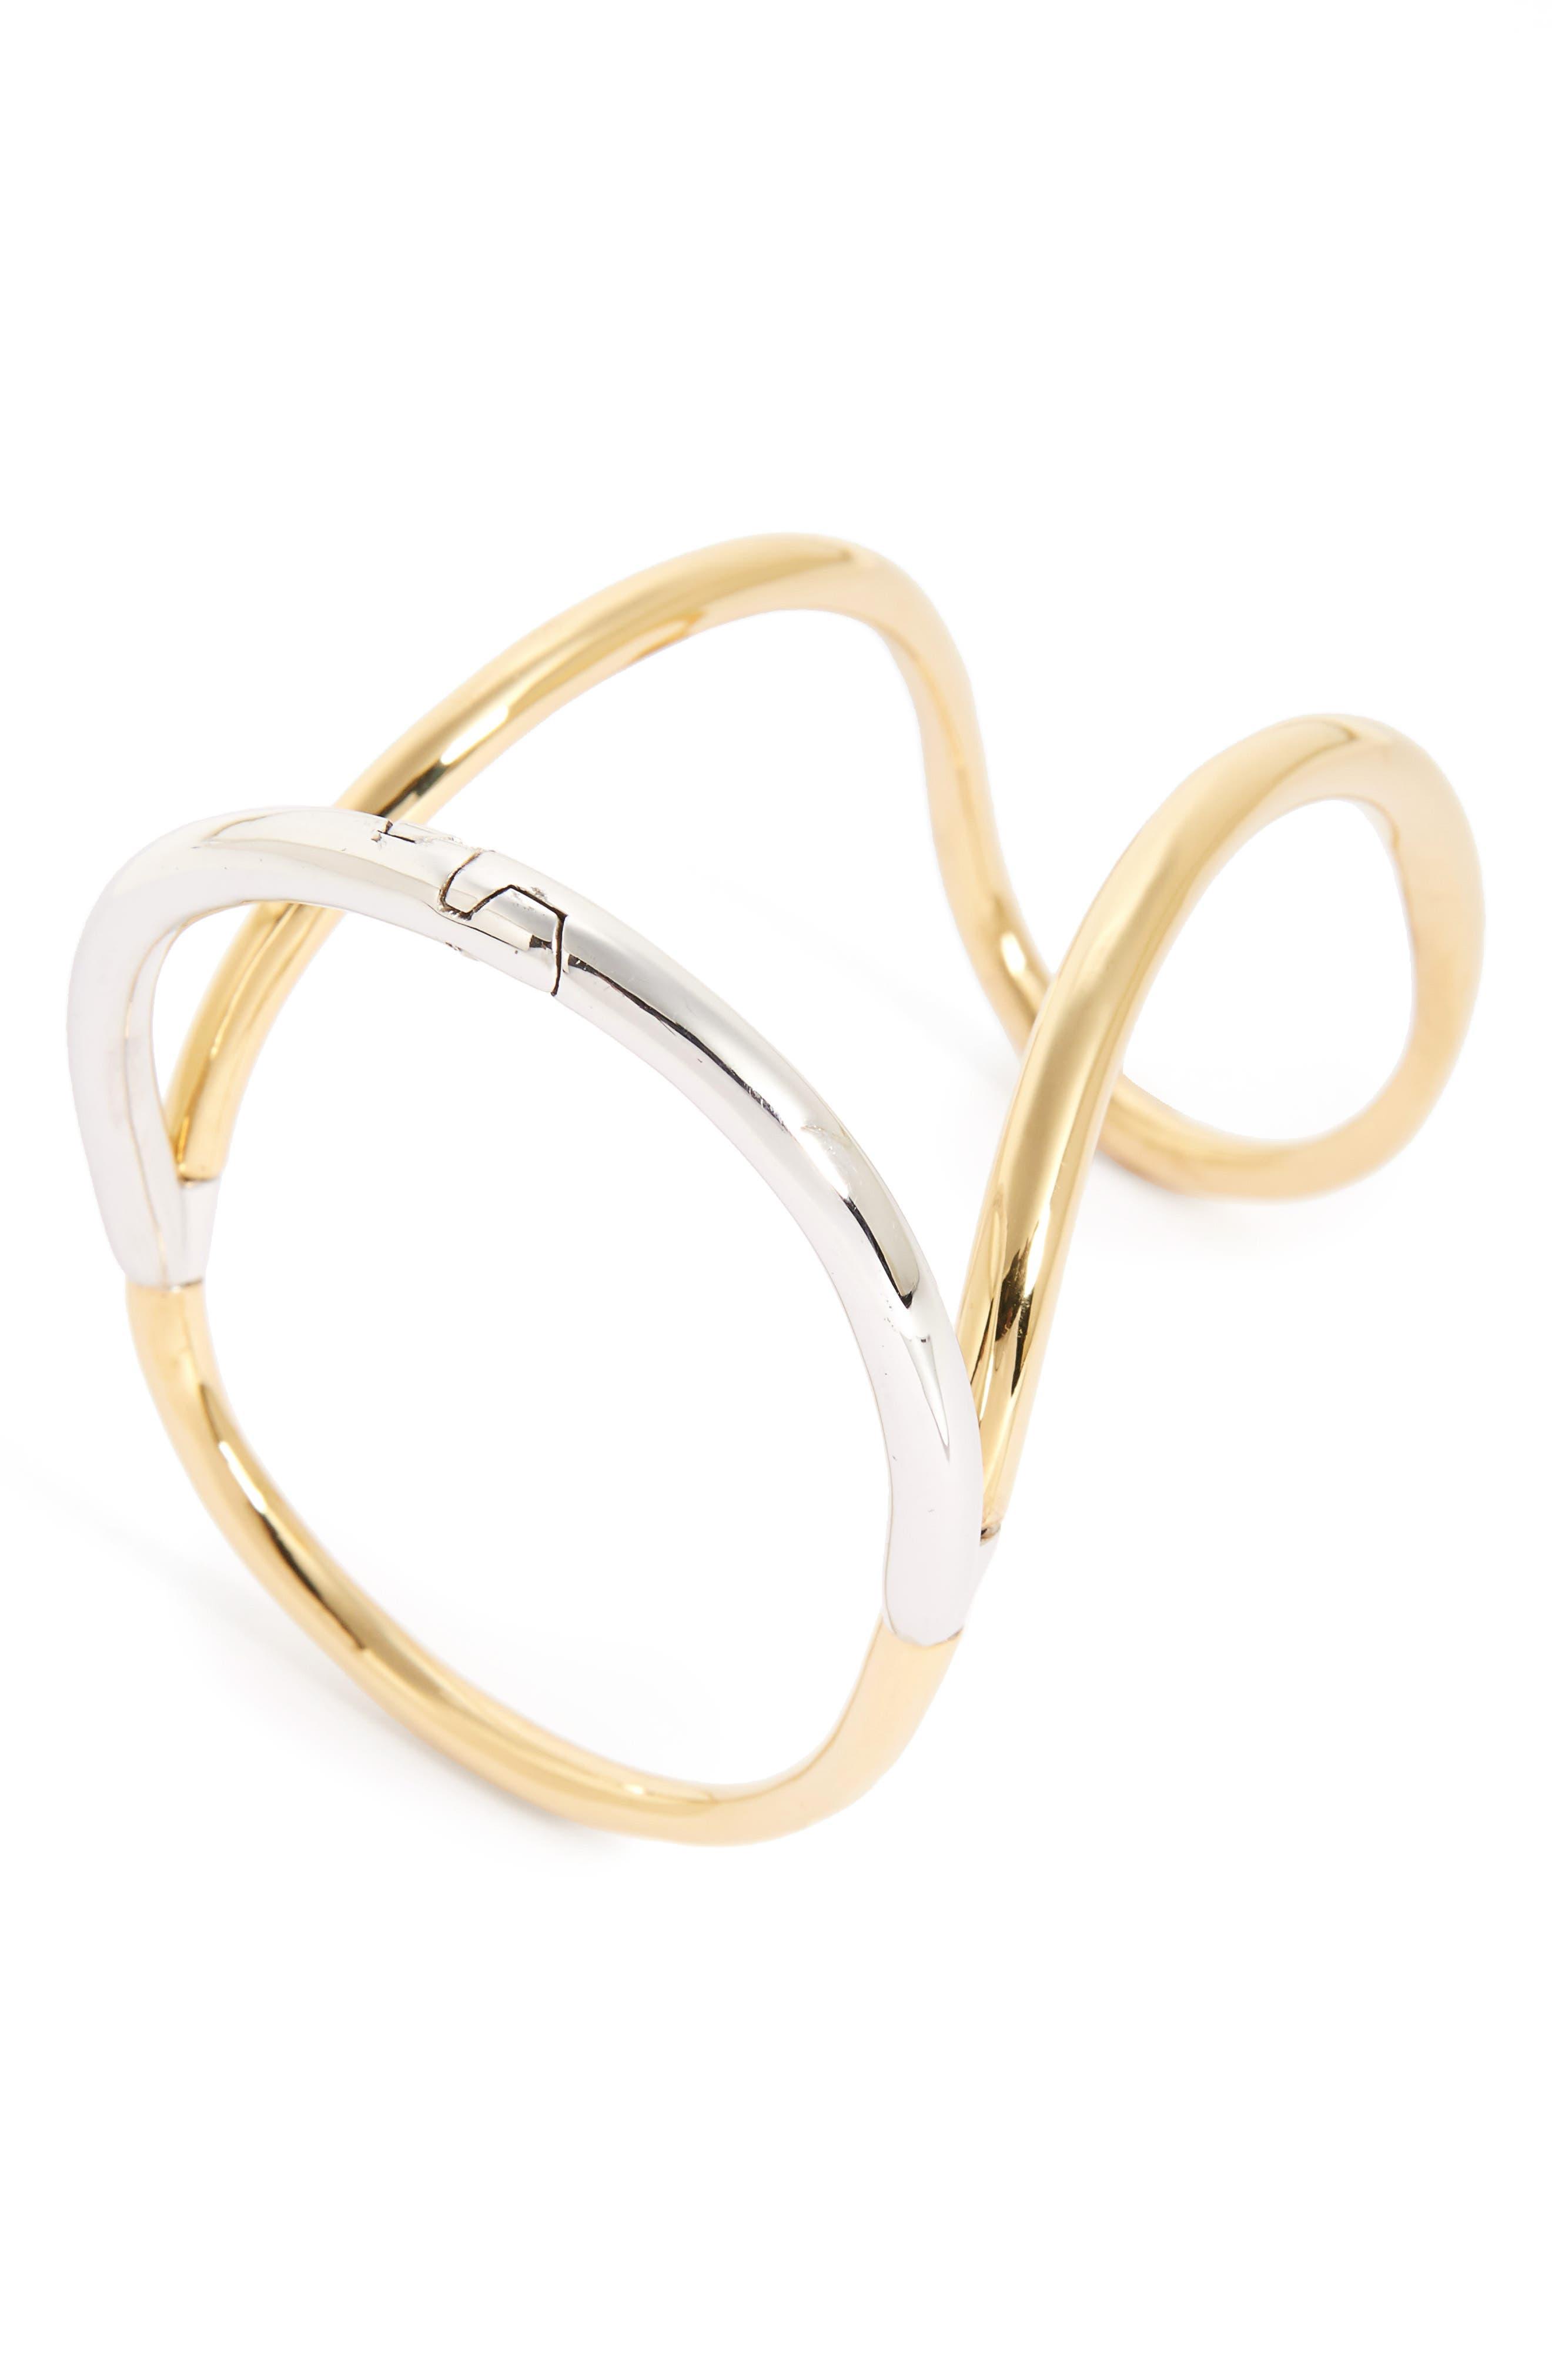 Neo Bond Bracelet,                         Main,                         color, VERMEIL/ SILVER